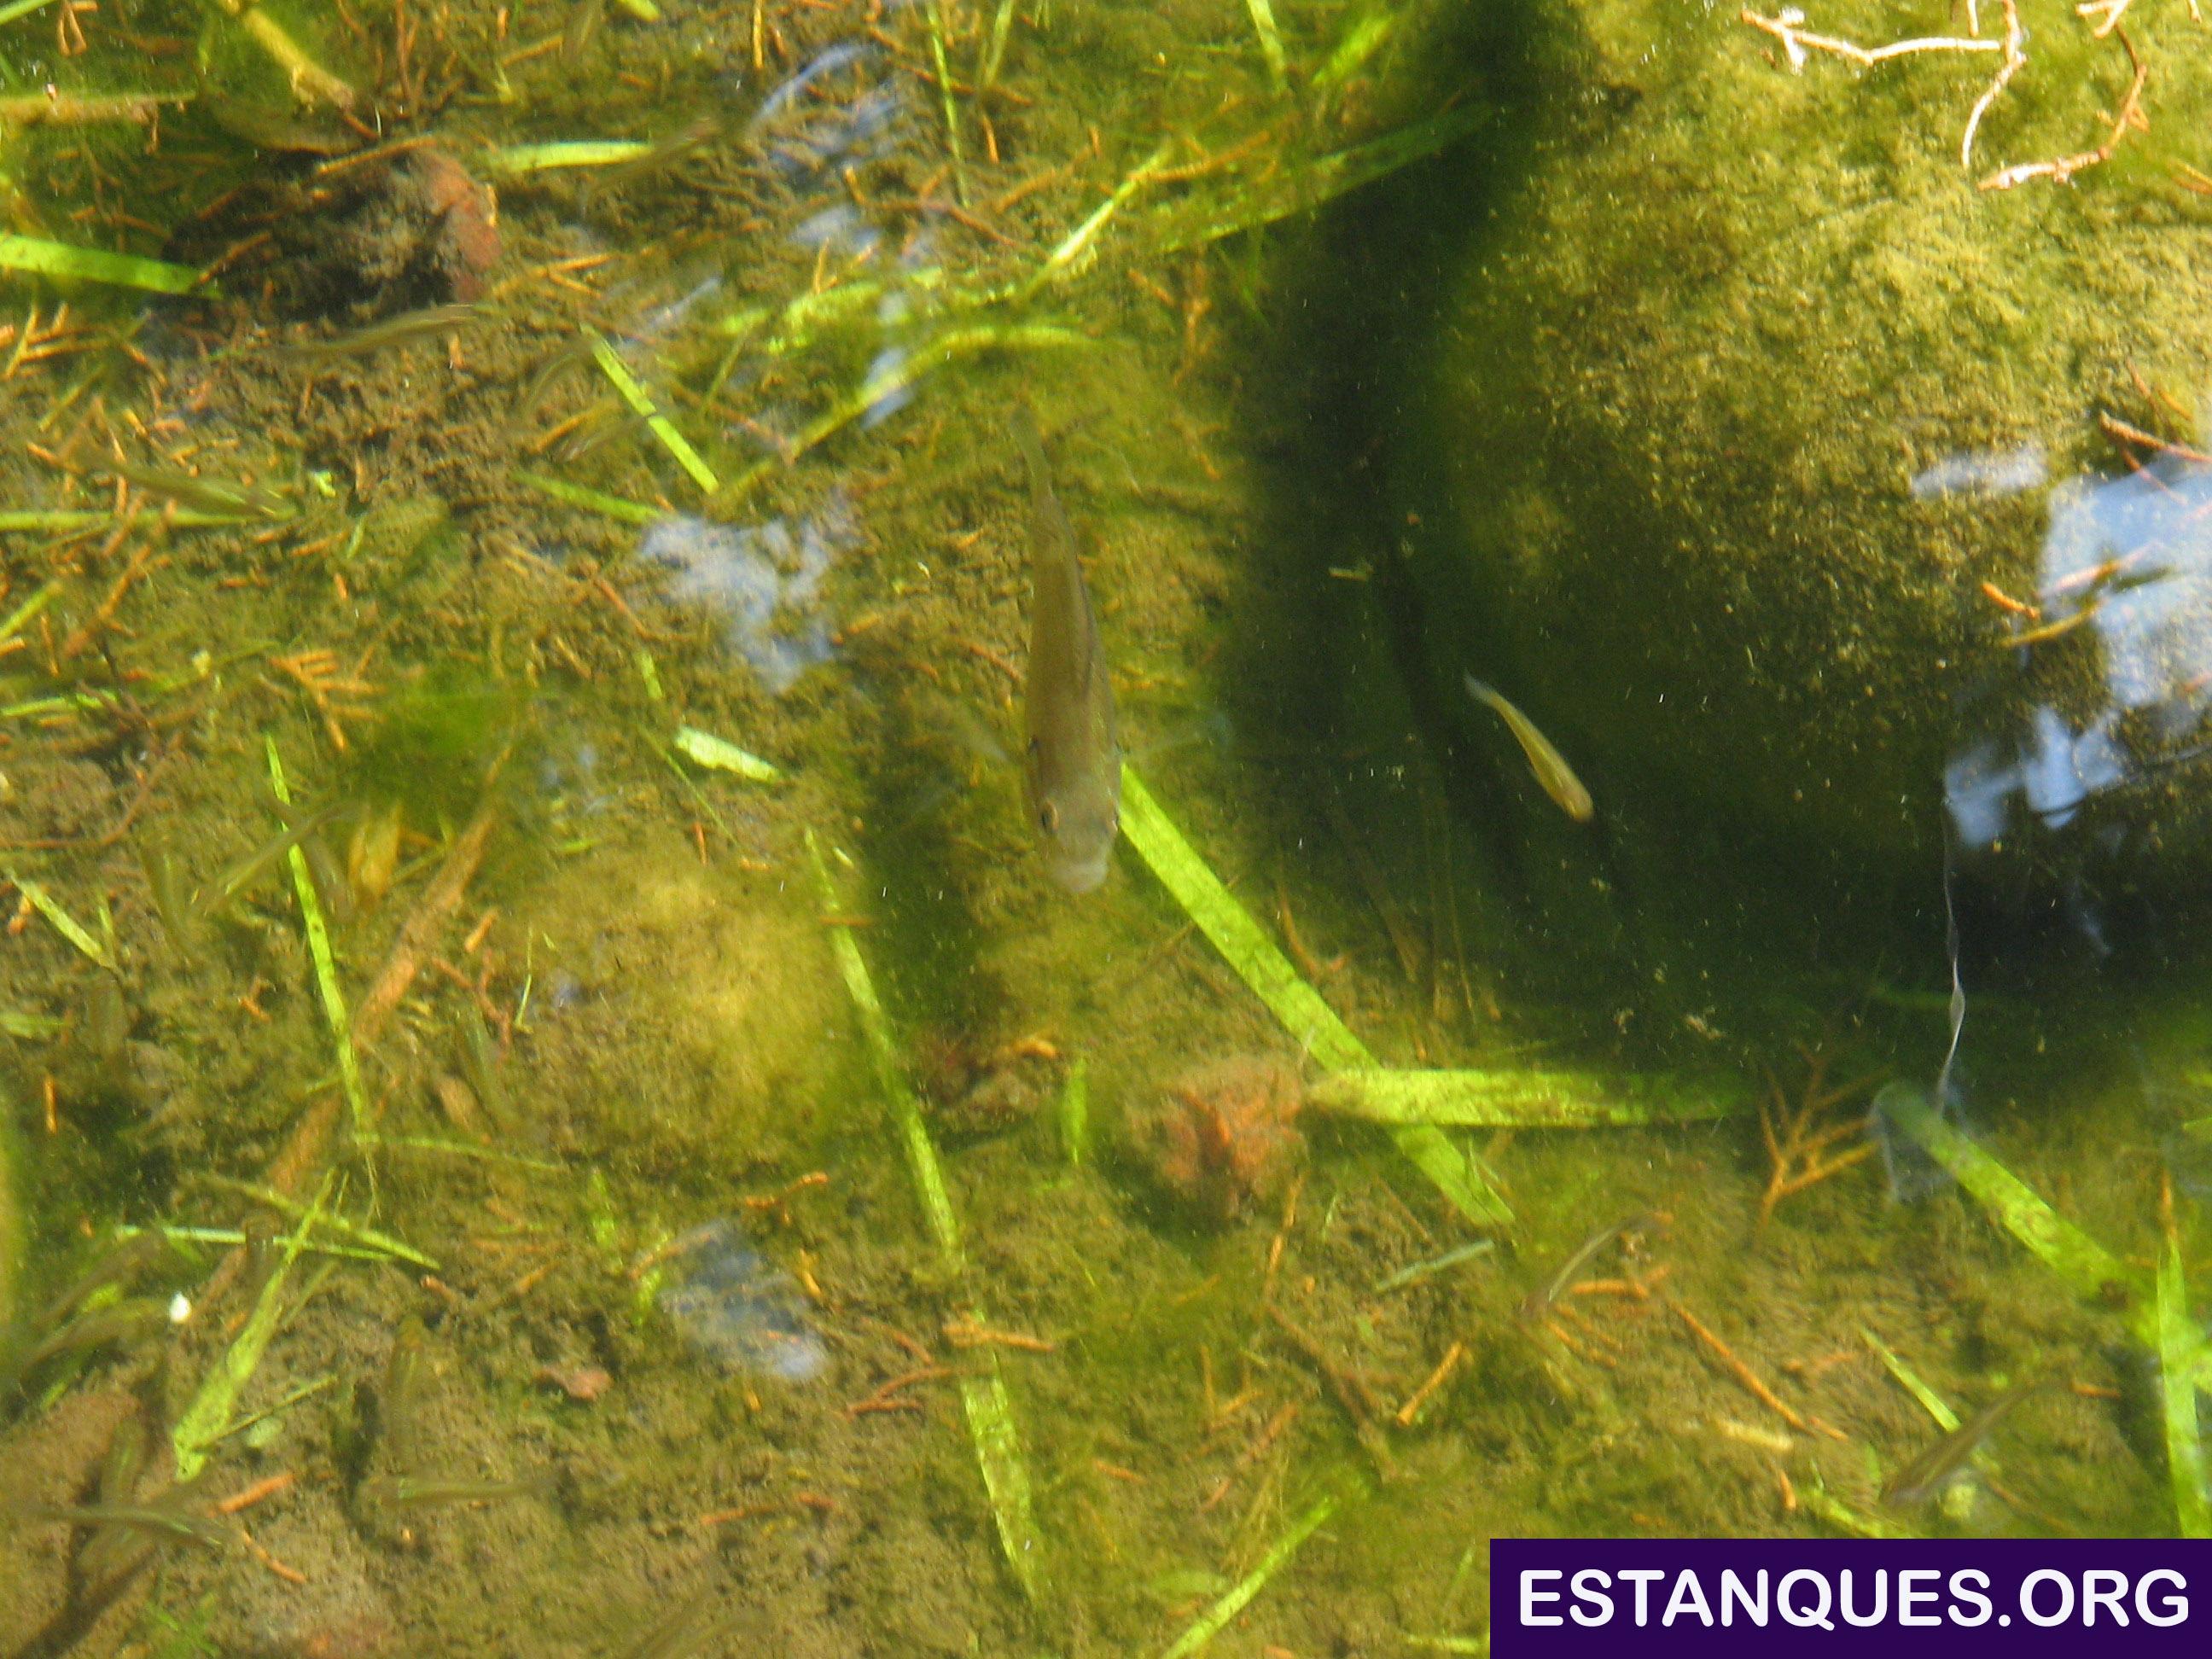 Peces acechando a sus presas en un estanque de fotos gratis for Estanque de agua para peces